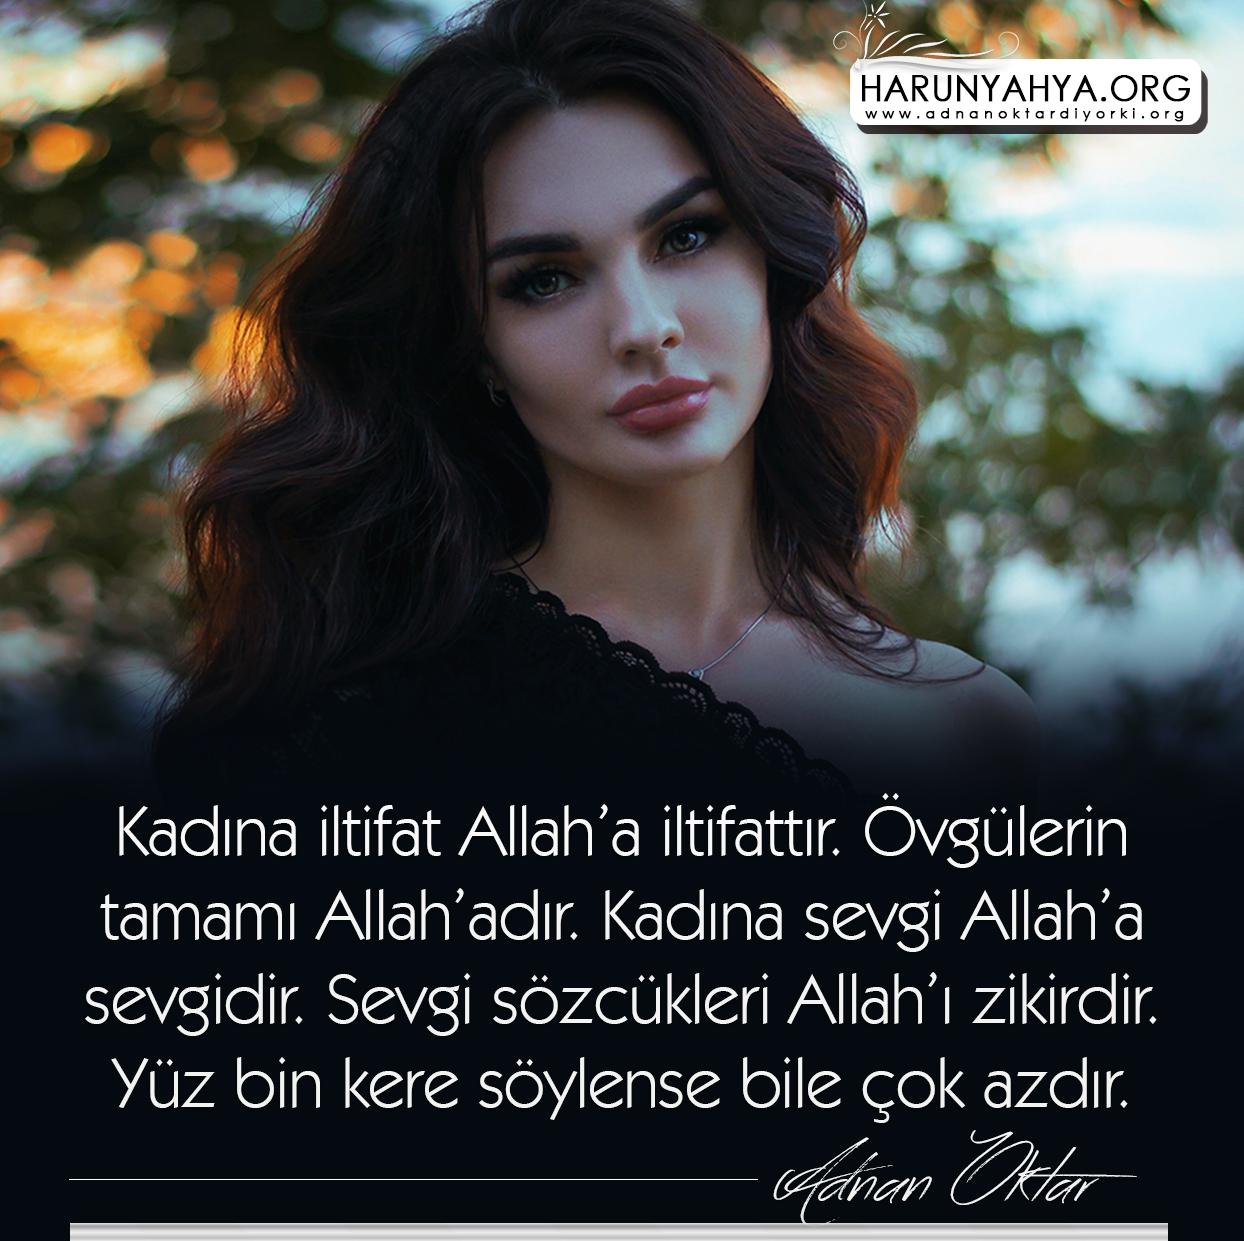 """<table style=""""width: 100%;""""><tr><td style=""""vertical-align: middle;"""">Kadına iltifat Allah'a iltifattır. Övgülerin tamamı Allah'adır. Kadına sevgi Allah'a sevgidir. Sevgi sözcükleri Allah'ı zikirdir. Yüz bin kere söylense bile çok azdır.</td><td style=""""max-width: 70px;vertical-align: middle;""""> <a href=""""/downloadquote.php?filename=152386319055.jpg""""><img class=""""hoversaturate"""" height=""""20px"""" src=""""/assets/images/download-iconu.png"""" style=""""width: 48px; height: 48px;"""" title=""""Resmi İndir""""/></a></td></tr></table>"""